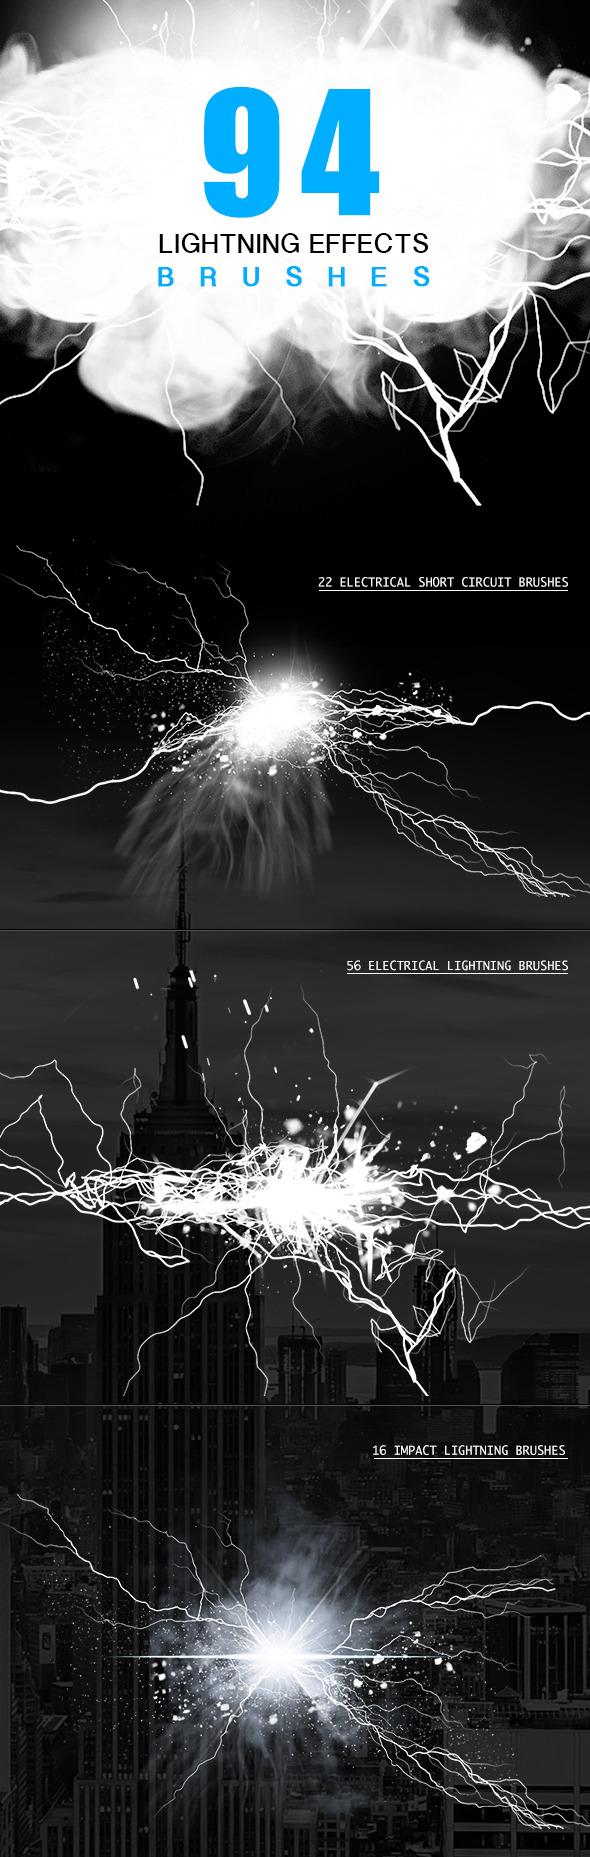 Electrical Lightning Brushes - Brushes Photoshop